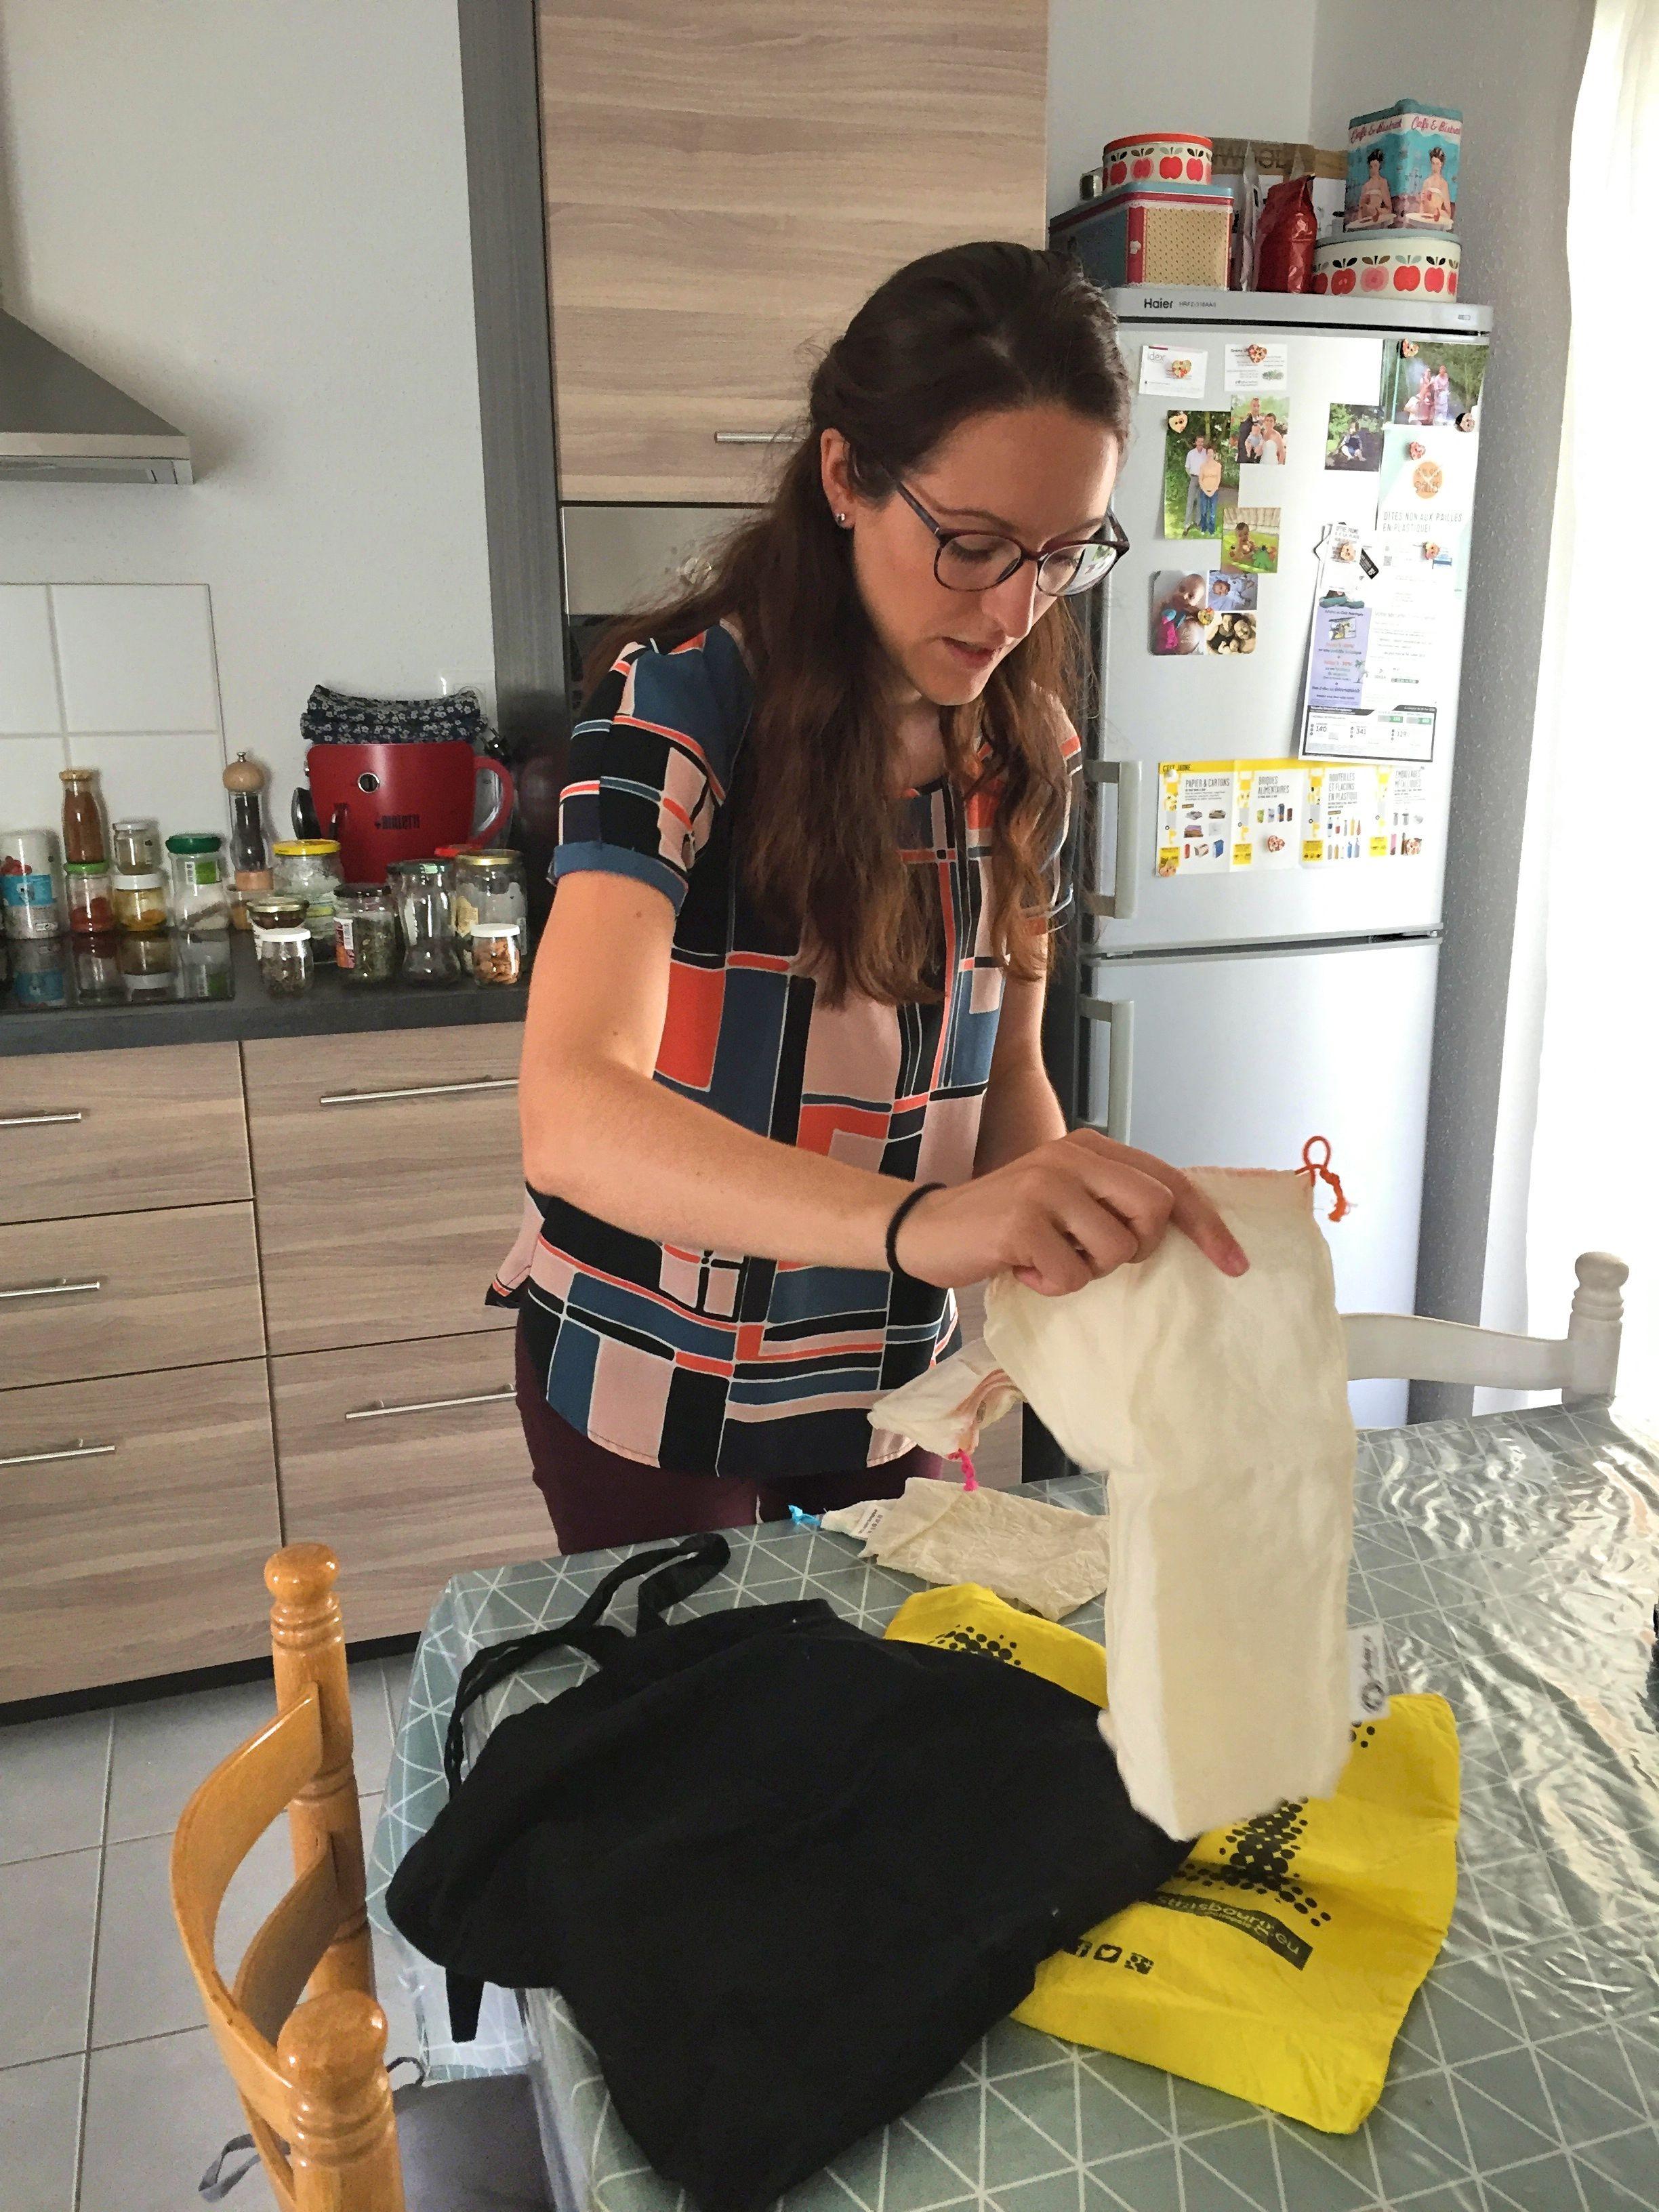 Amandine et son compagnon ont supprimé de leur appartement tous les sacs plastiques : à la place, des sacs en toile, plus résistants et réutilisables. (Photo EB - Les Défricheurs)